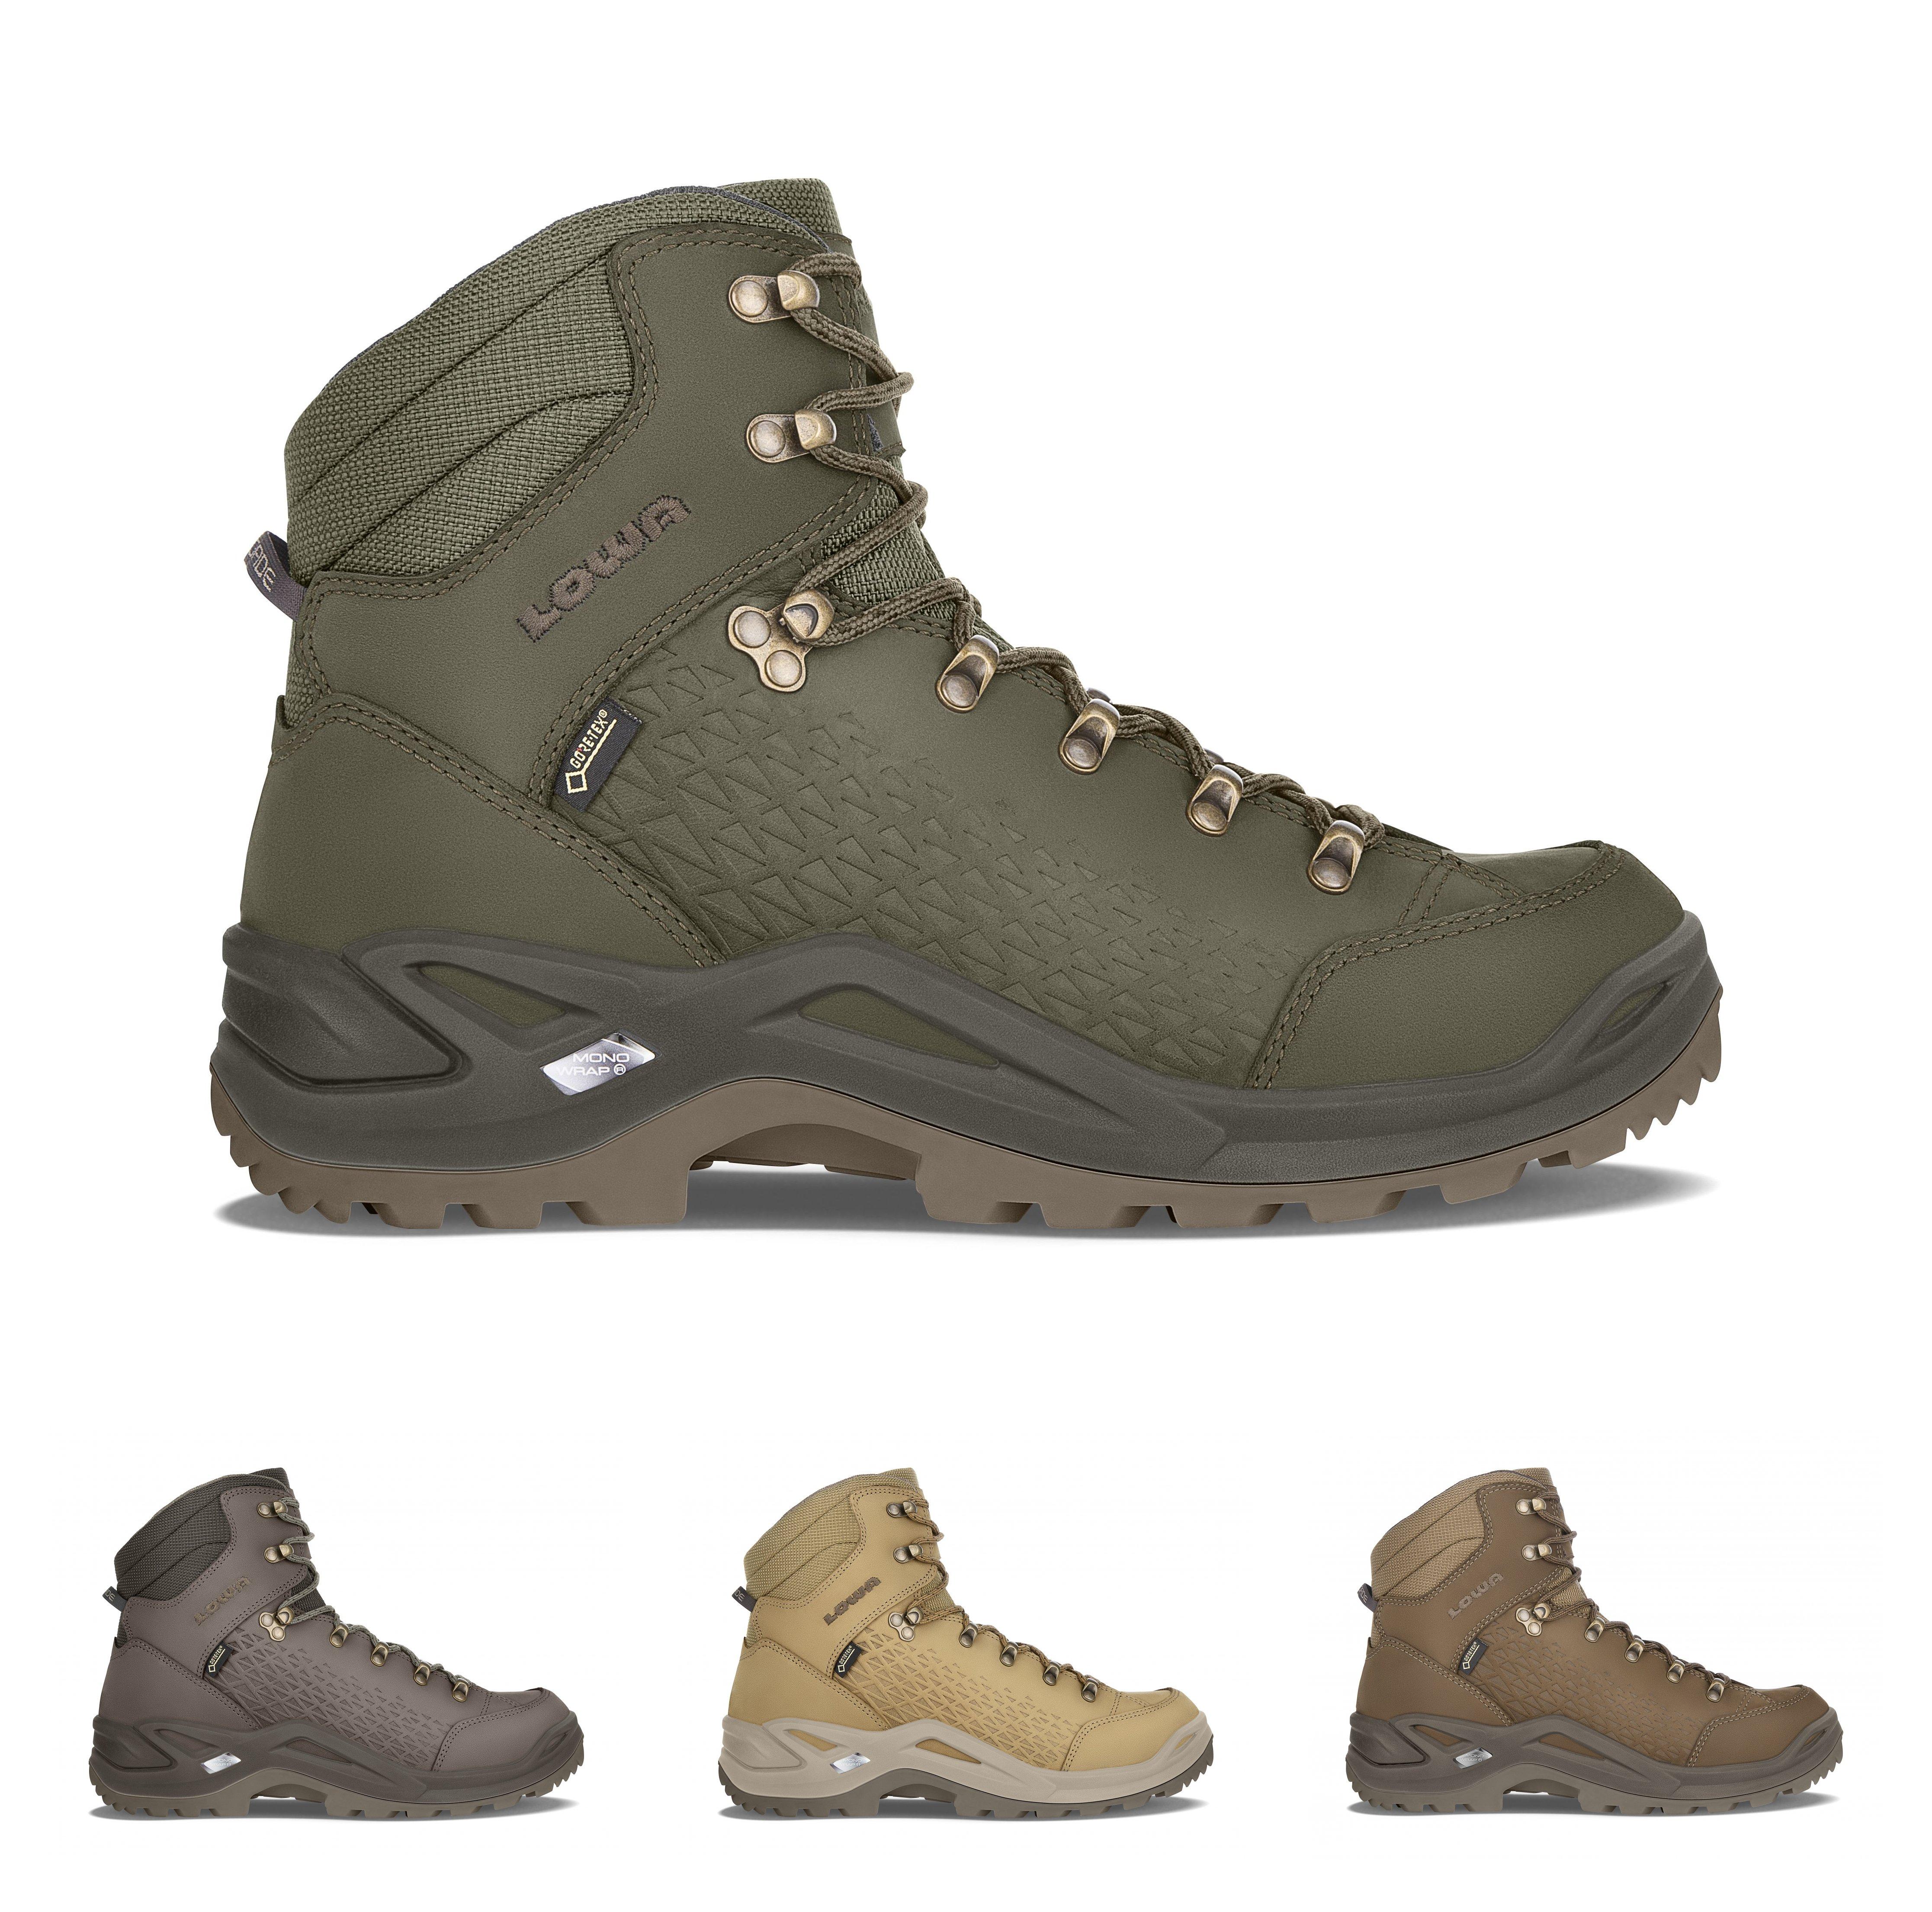 neuesten Stil von 2019 Super Qualität schnelle Farbe Lowa Renegade GTX Mid Sp Hiking Boots - Men's | Up to 51% Off 5 ...